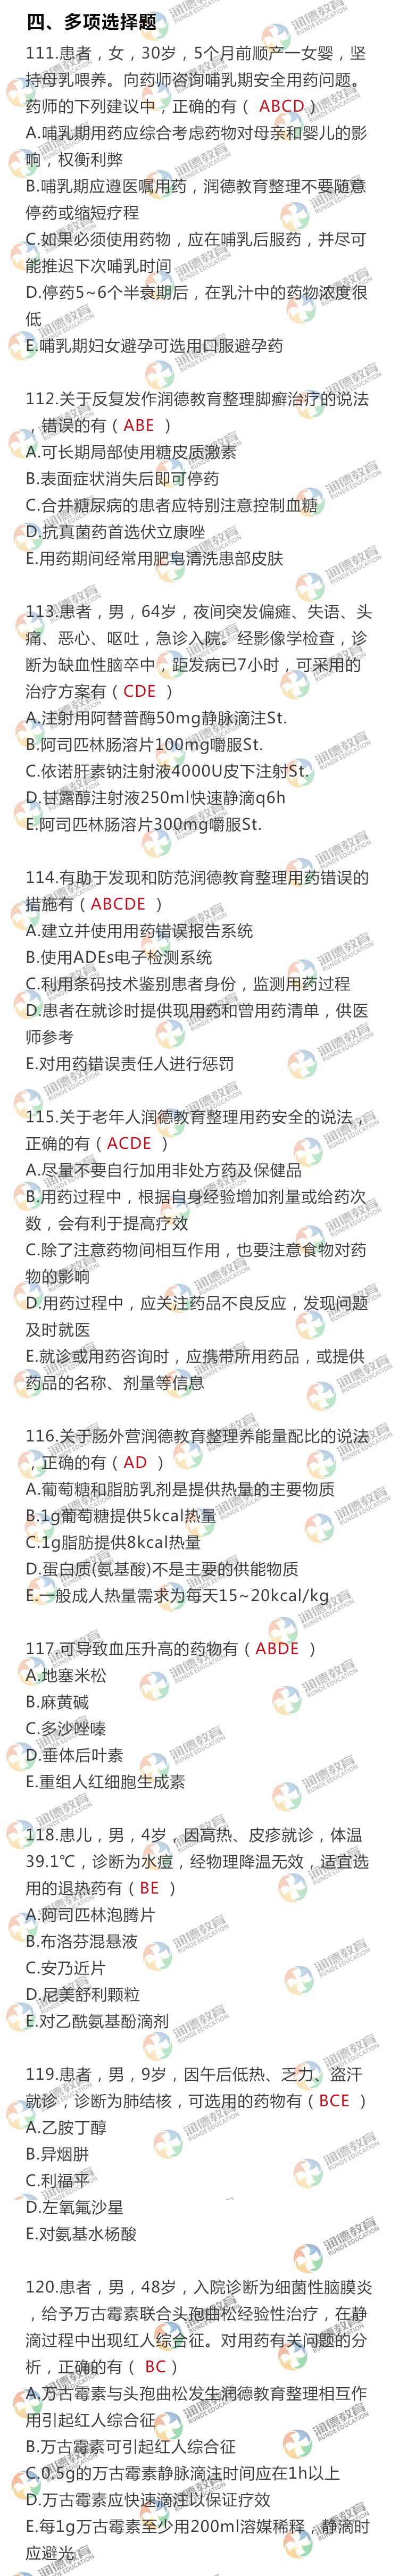 西药综合101-110.jpg